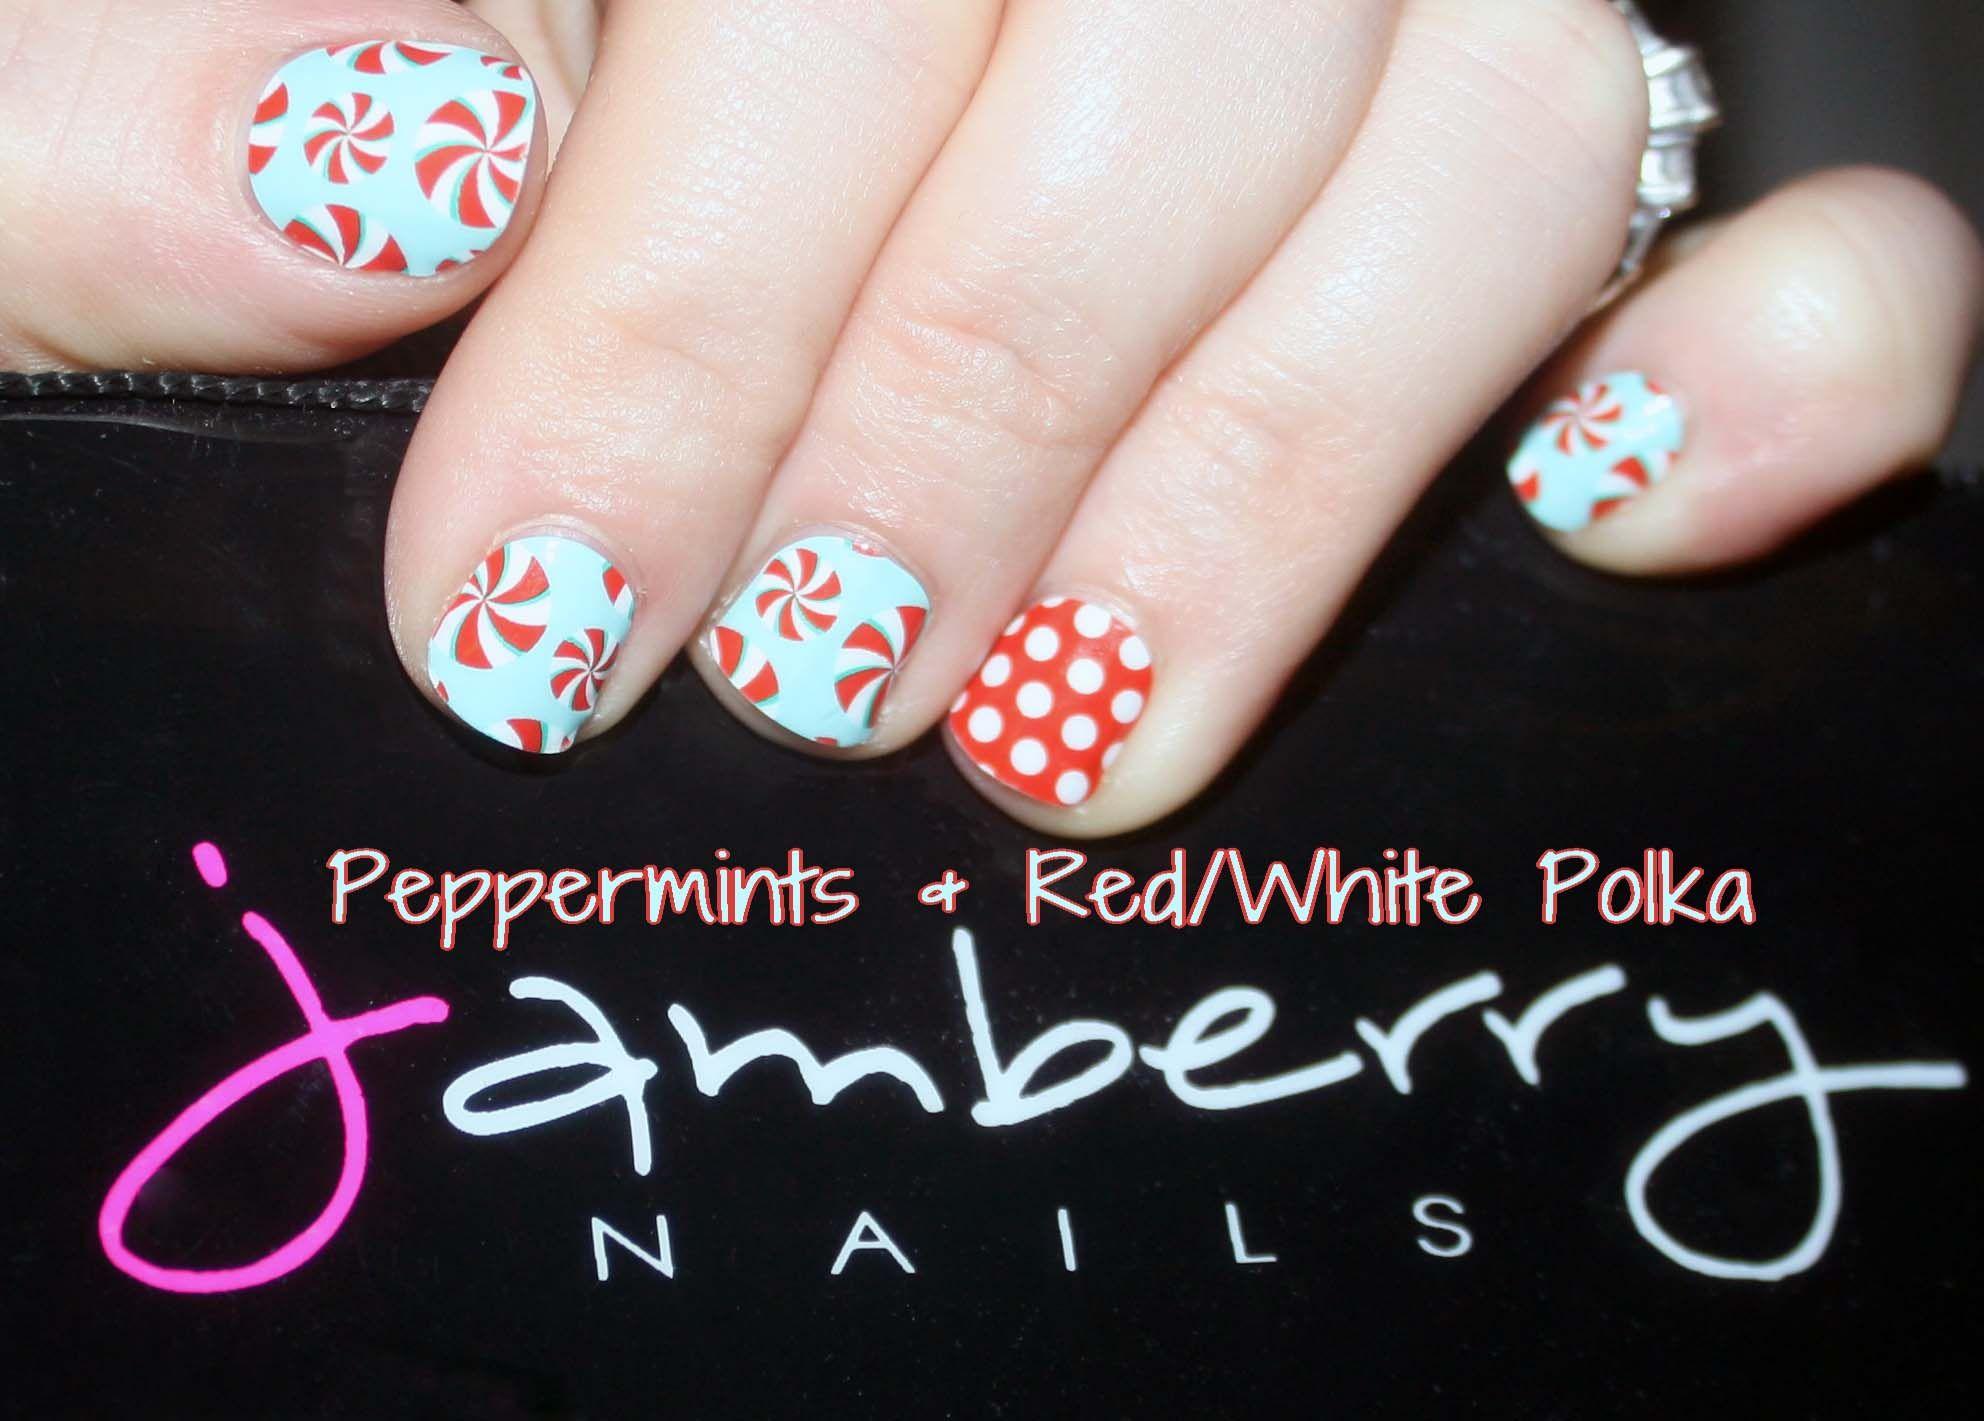 Peppermints Redwhite Polka Jamberry Nails Nail Art Nail Wraps